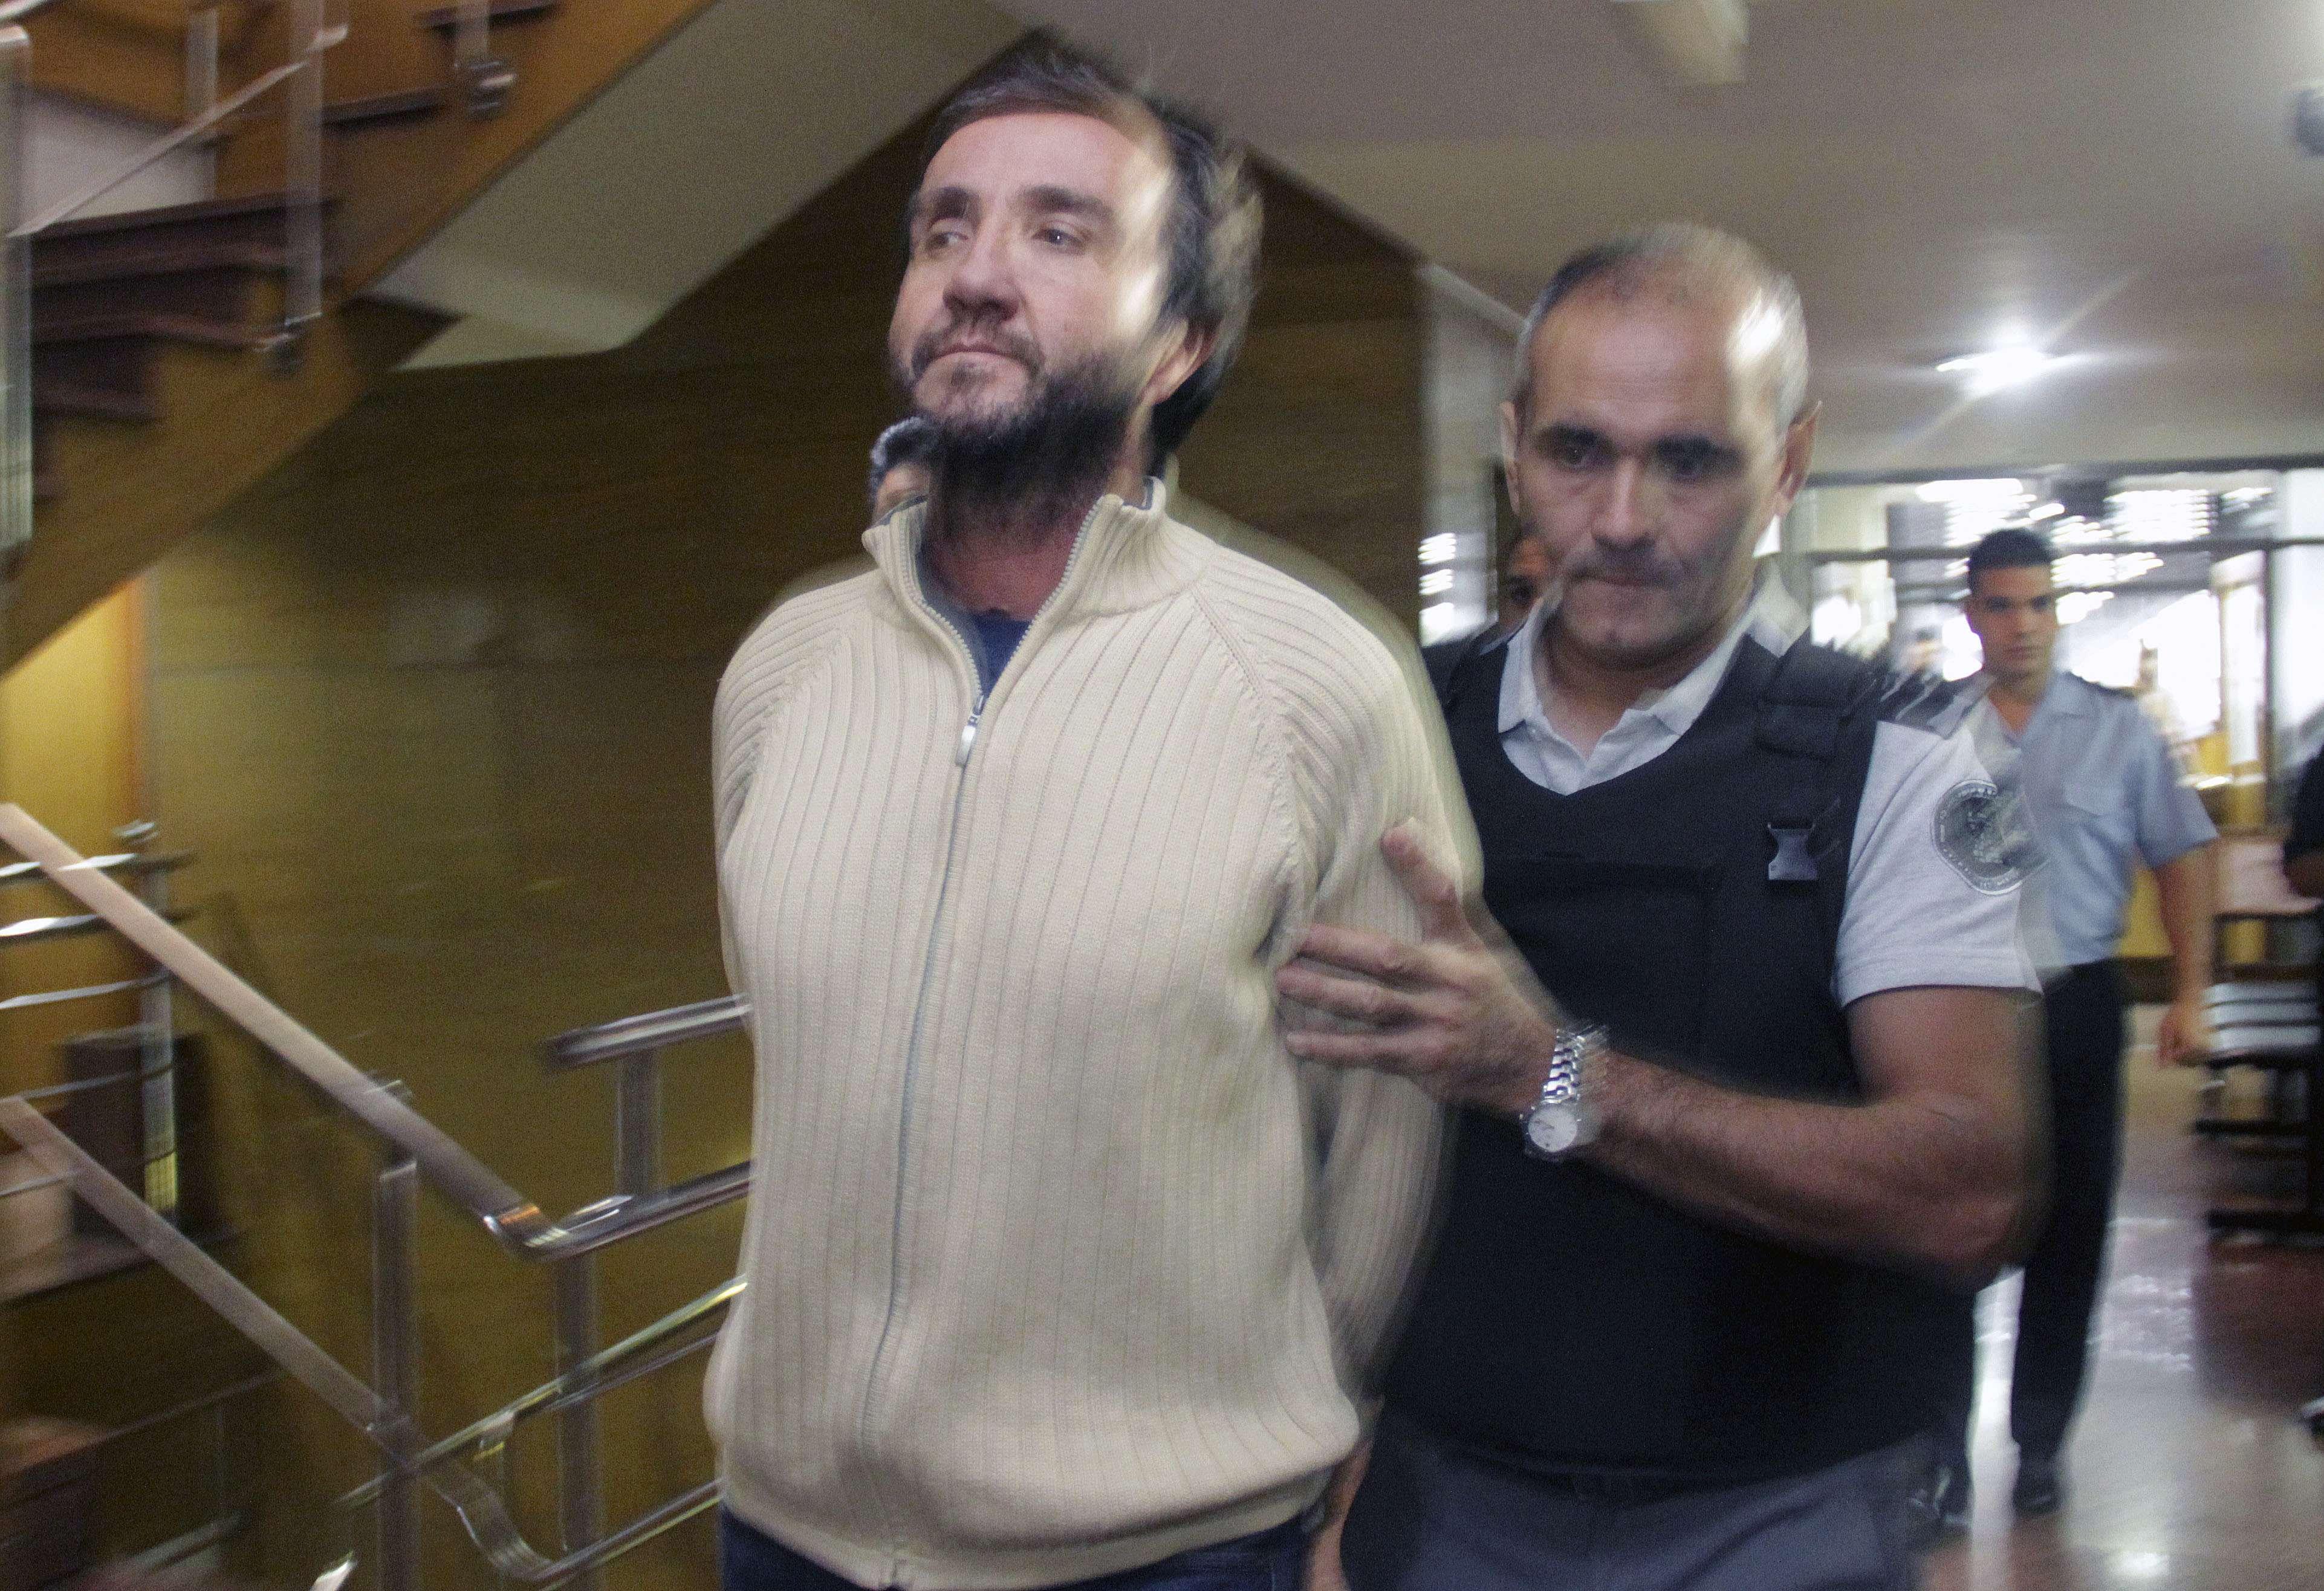 Vandenbroele seguirá detenido. Foto: Noticias Argentinas